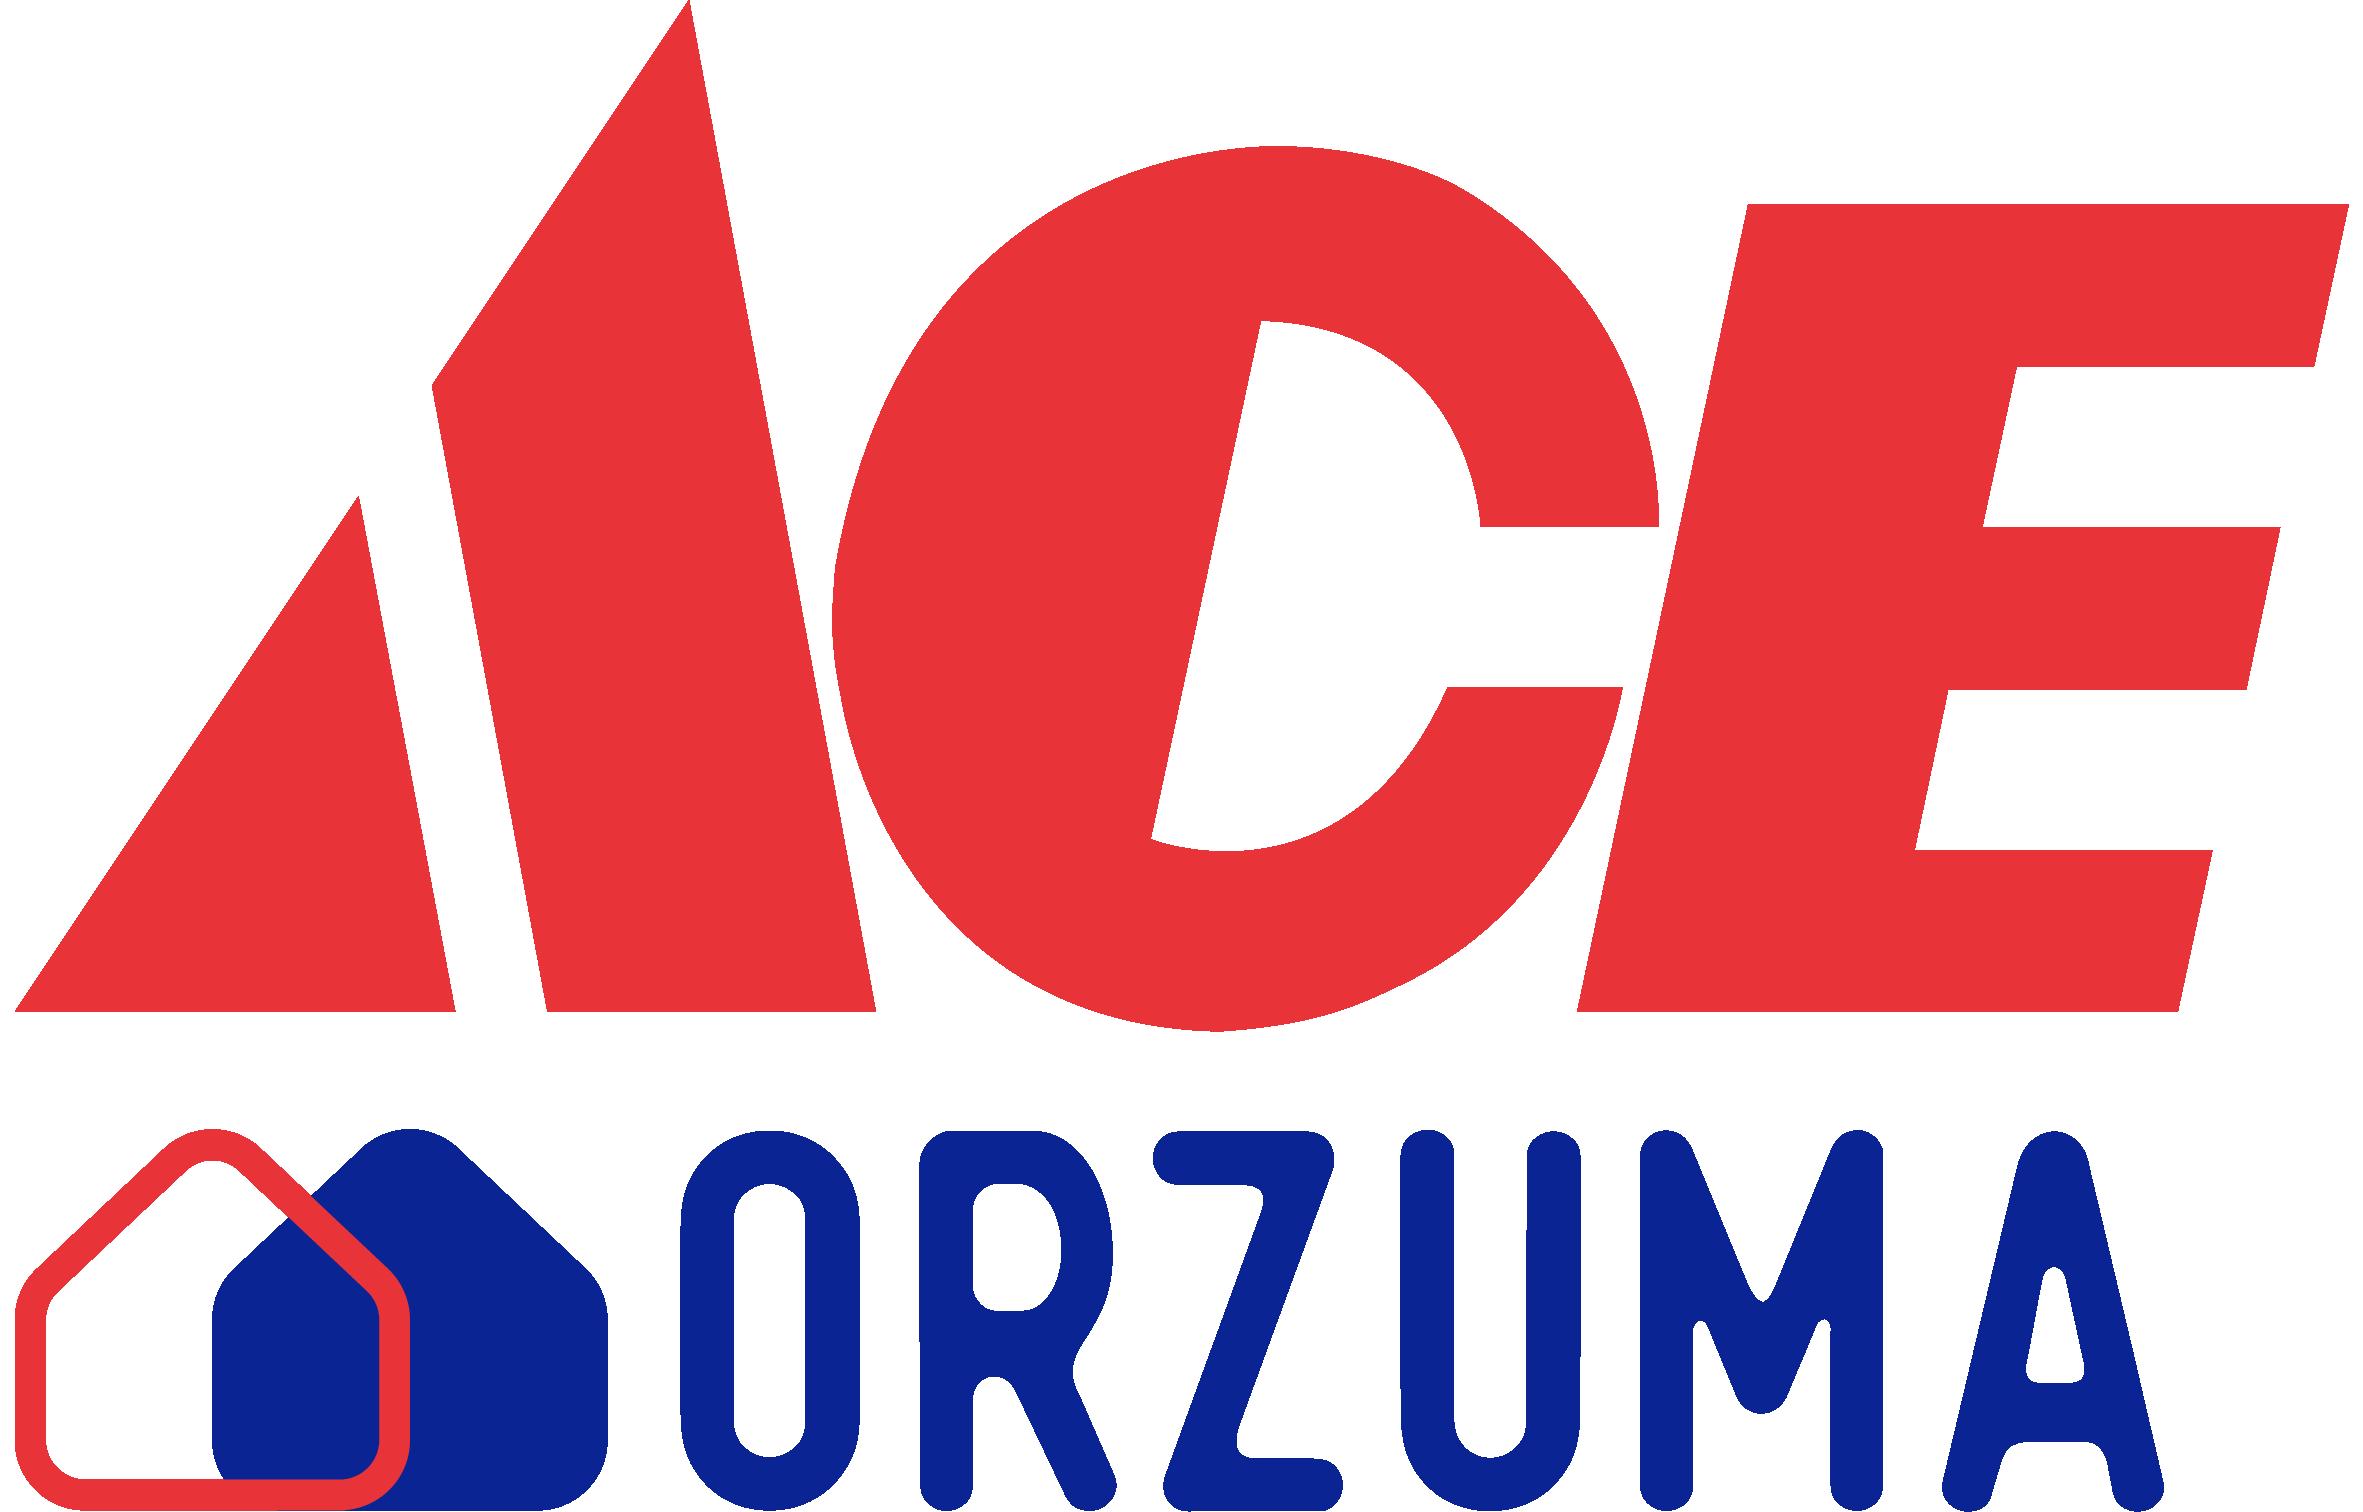 Ace Comercial Orzuma